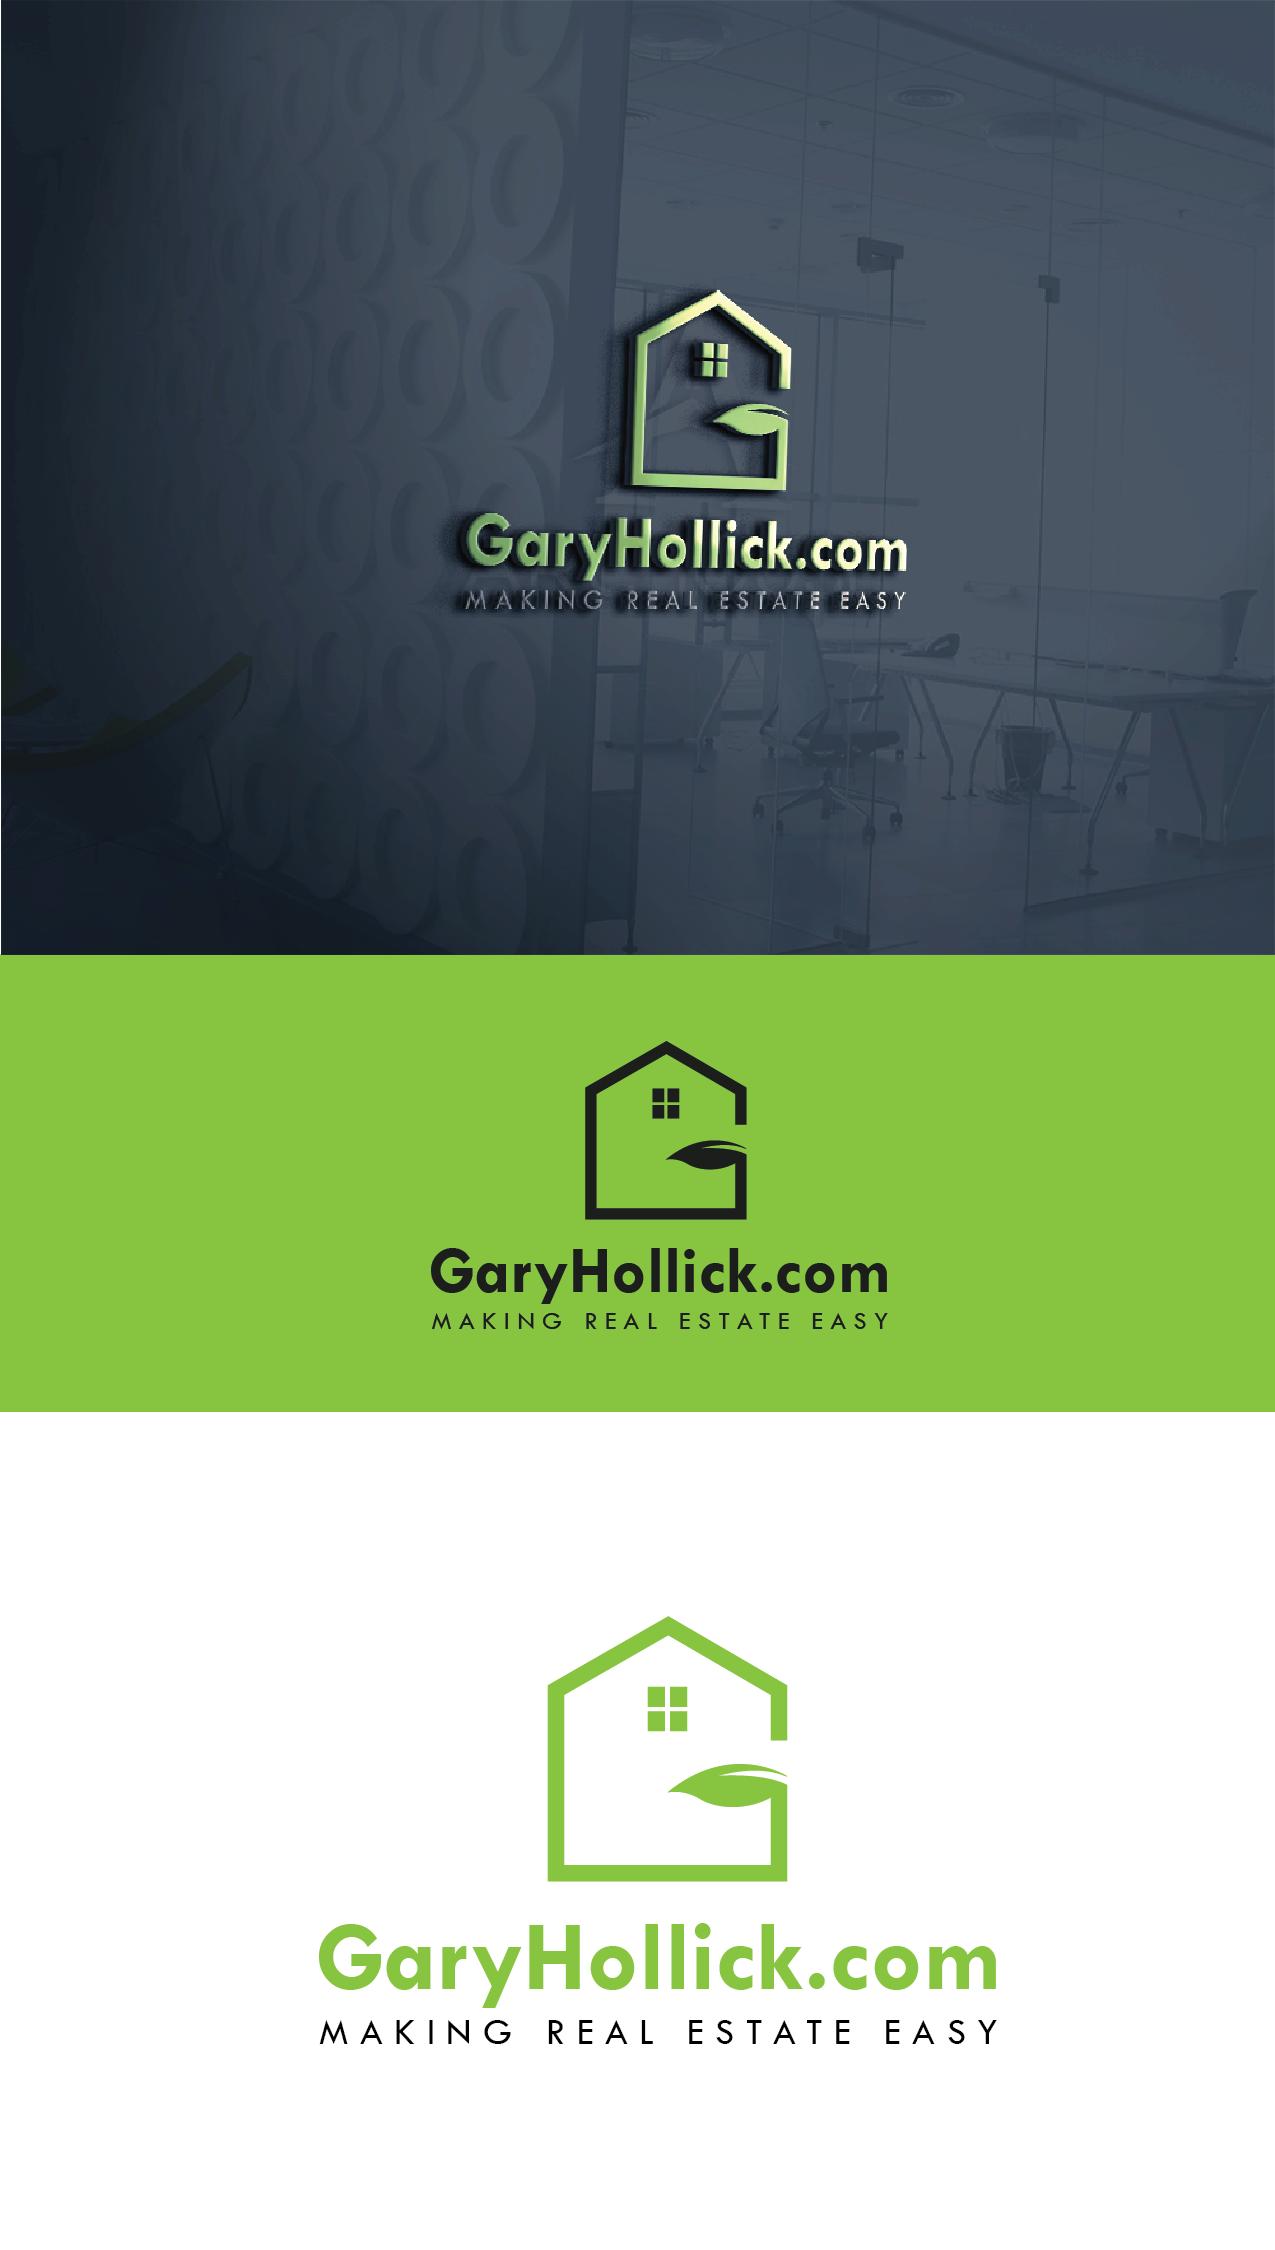 Logo Design by Private User - Entry No. 41 in the Logo Design Contest New Logo Design for GaryHollick.com.